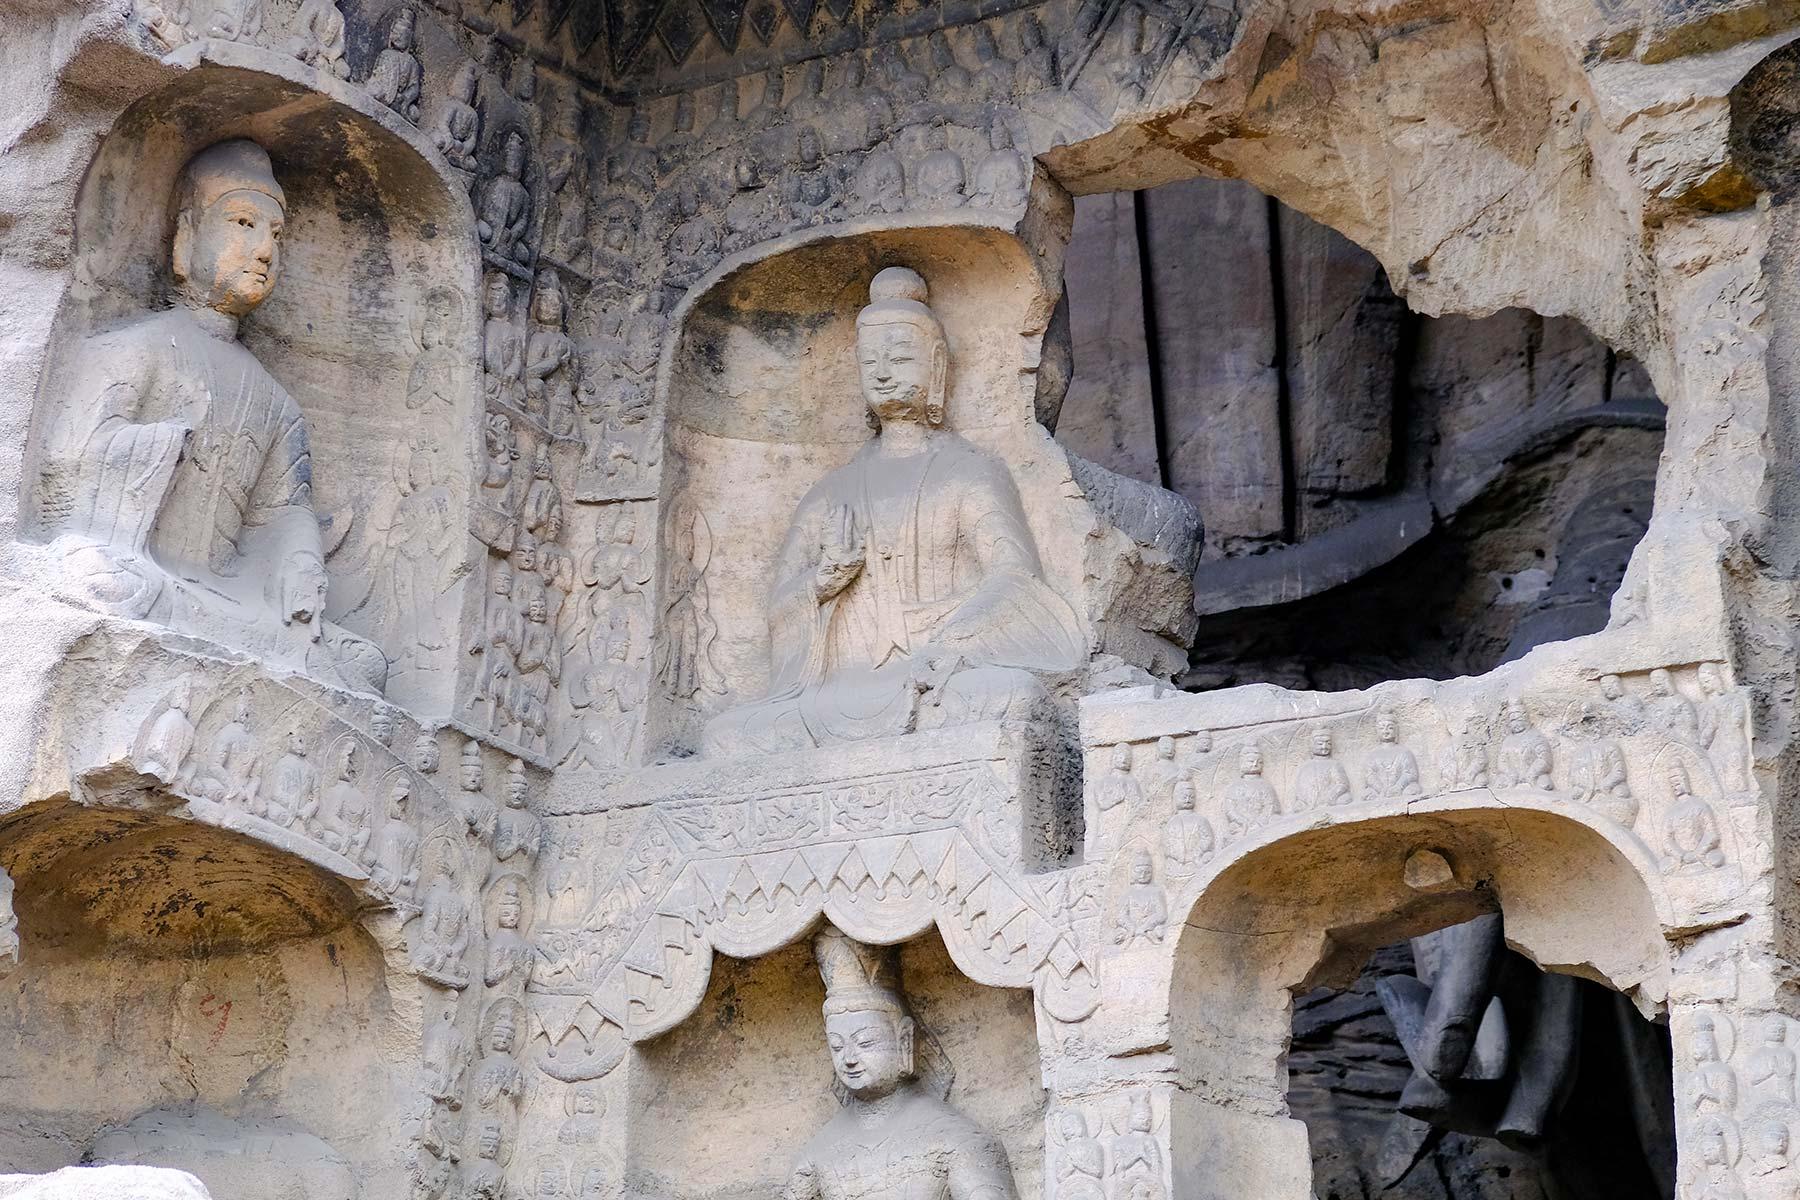 Yungang Grottoes in Datong, China